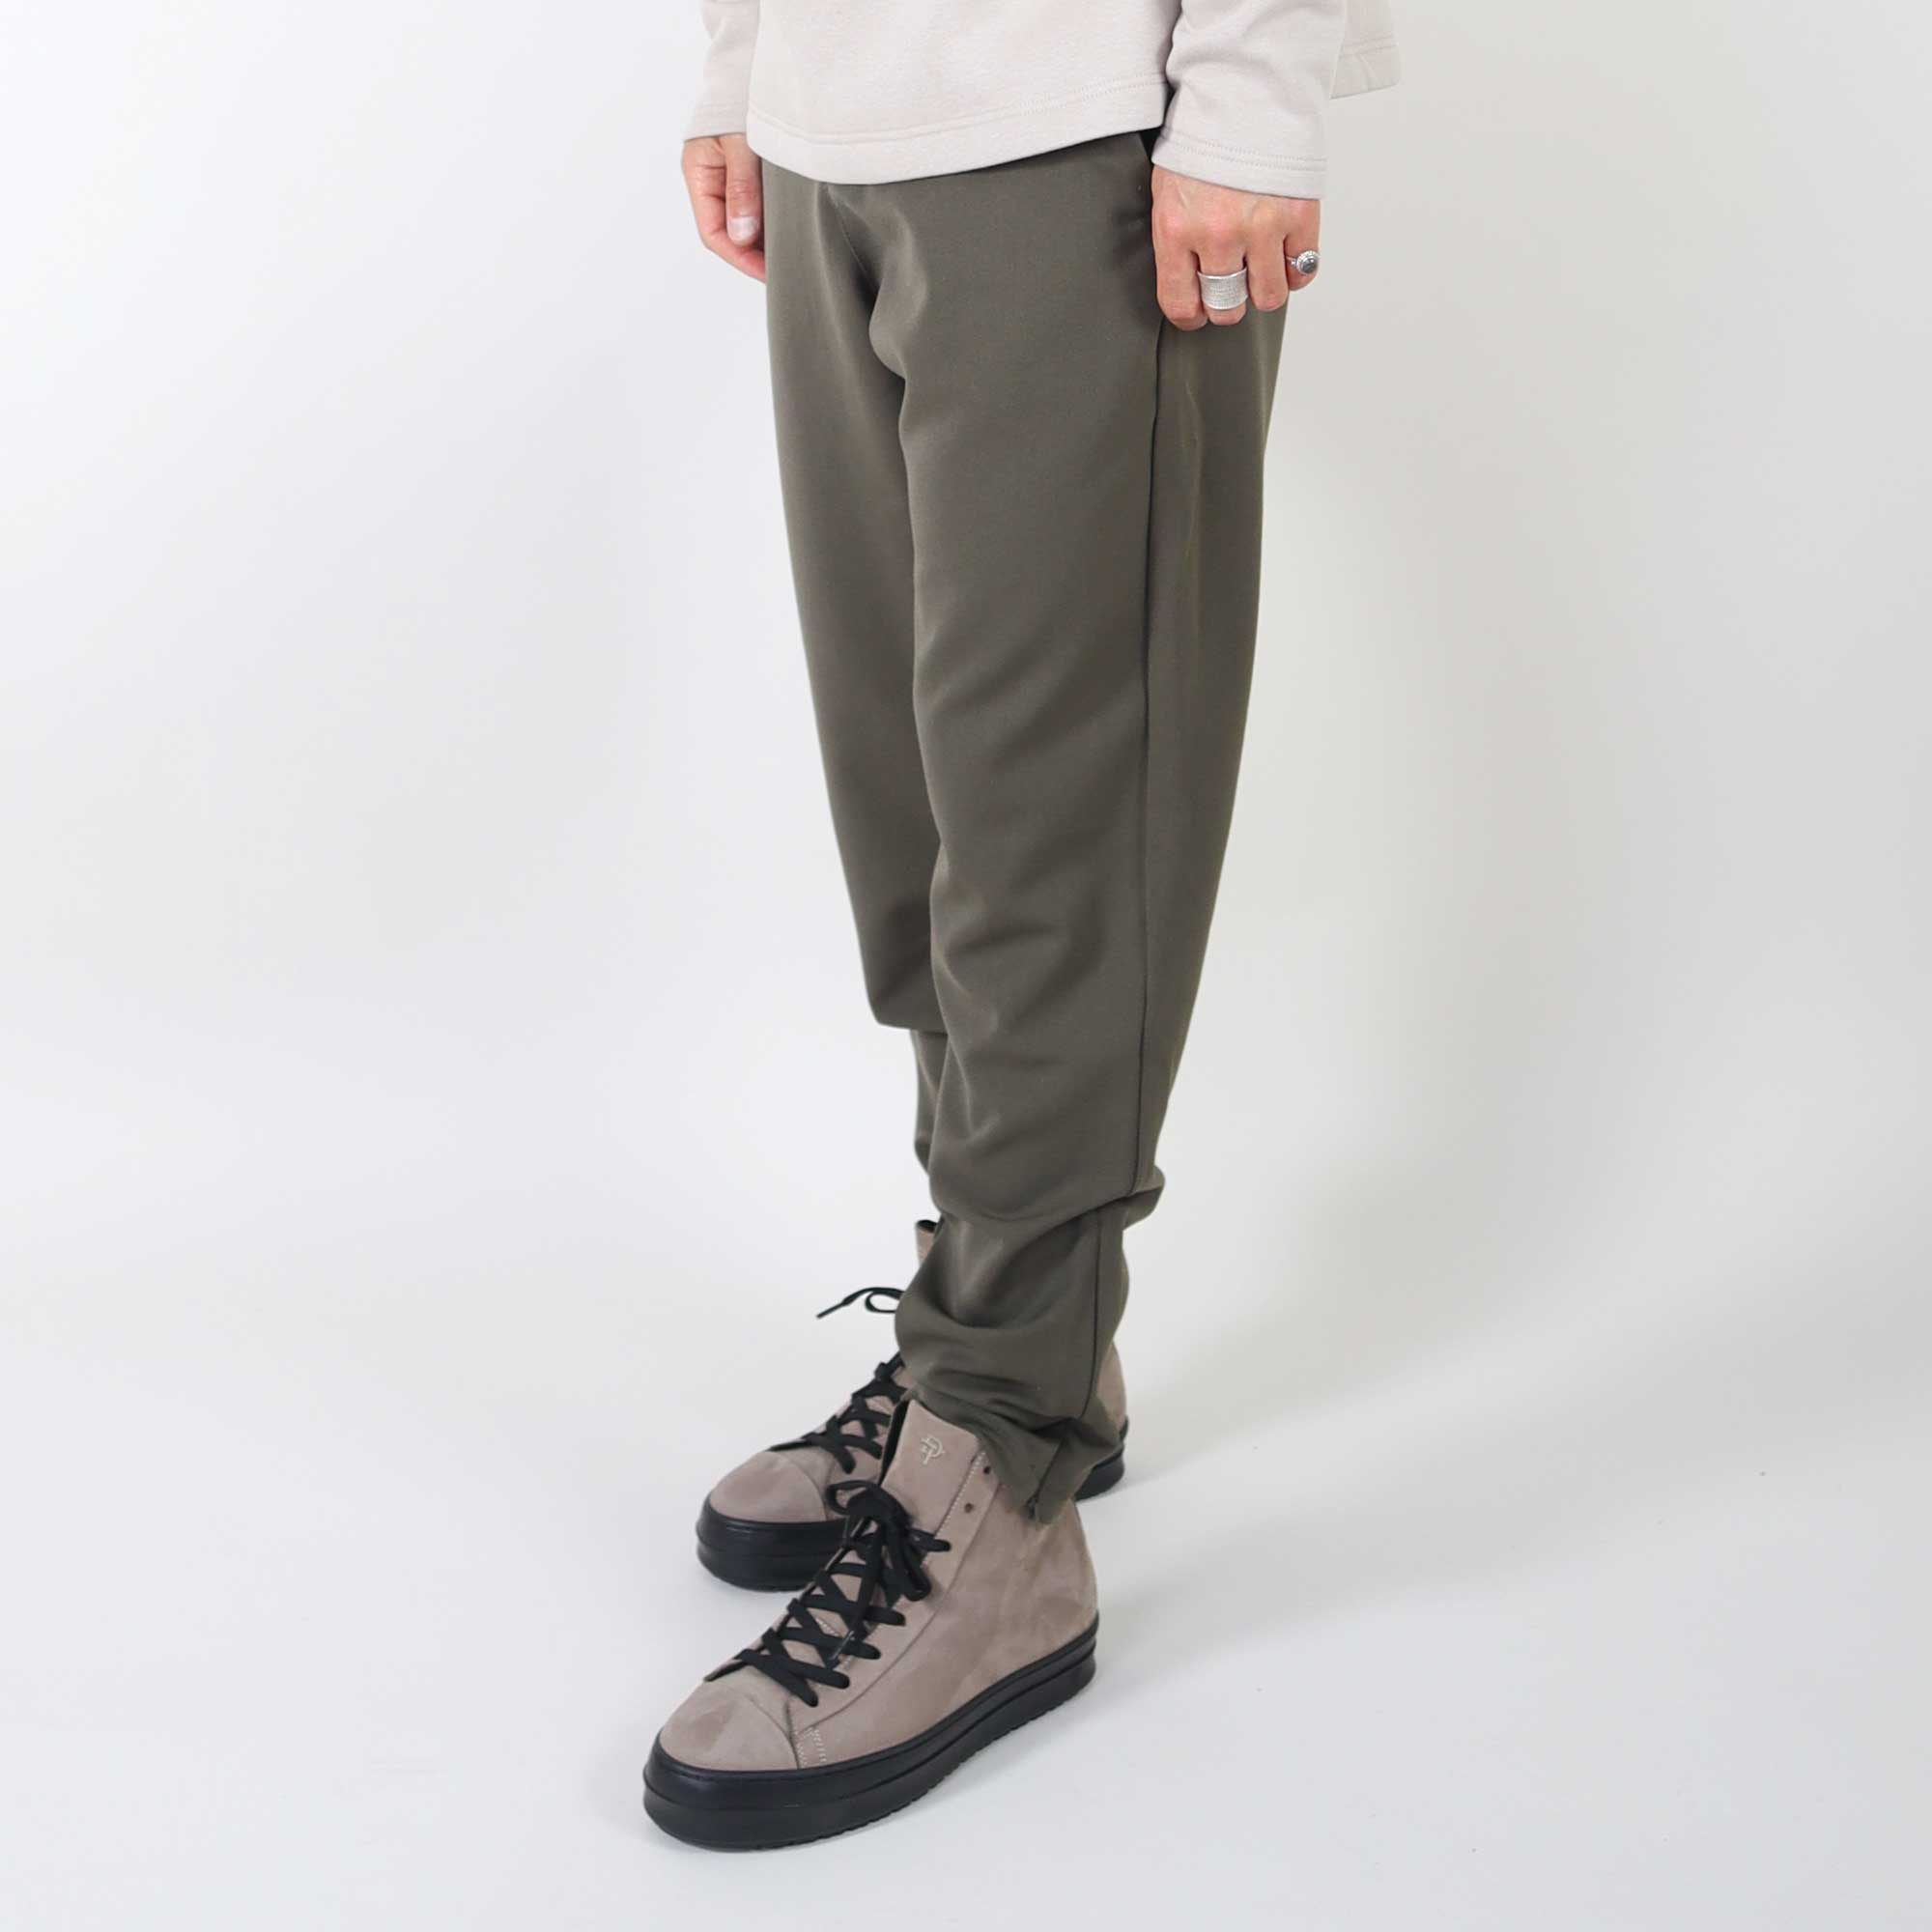 pantalon-groen-2